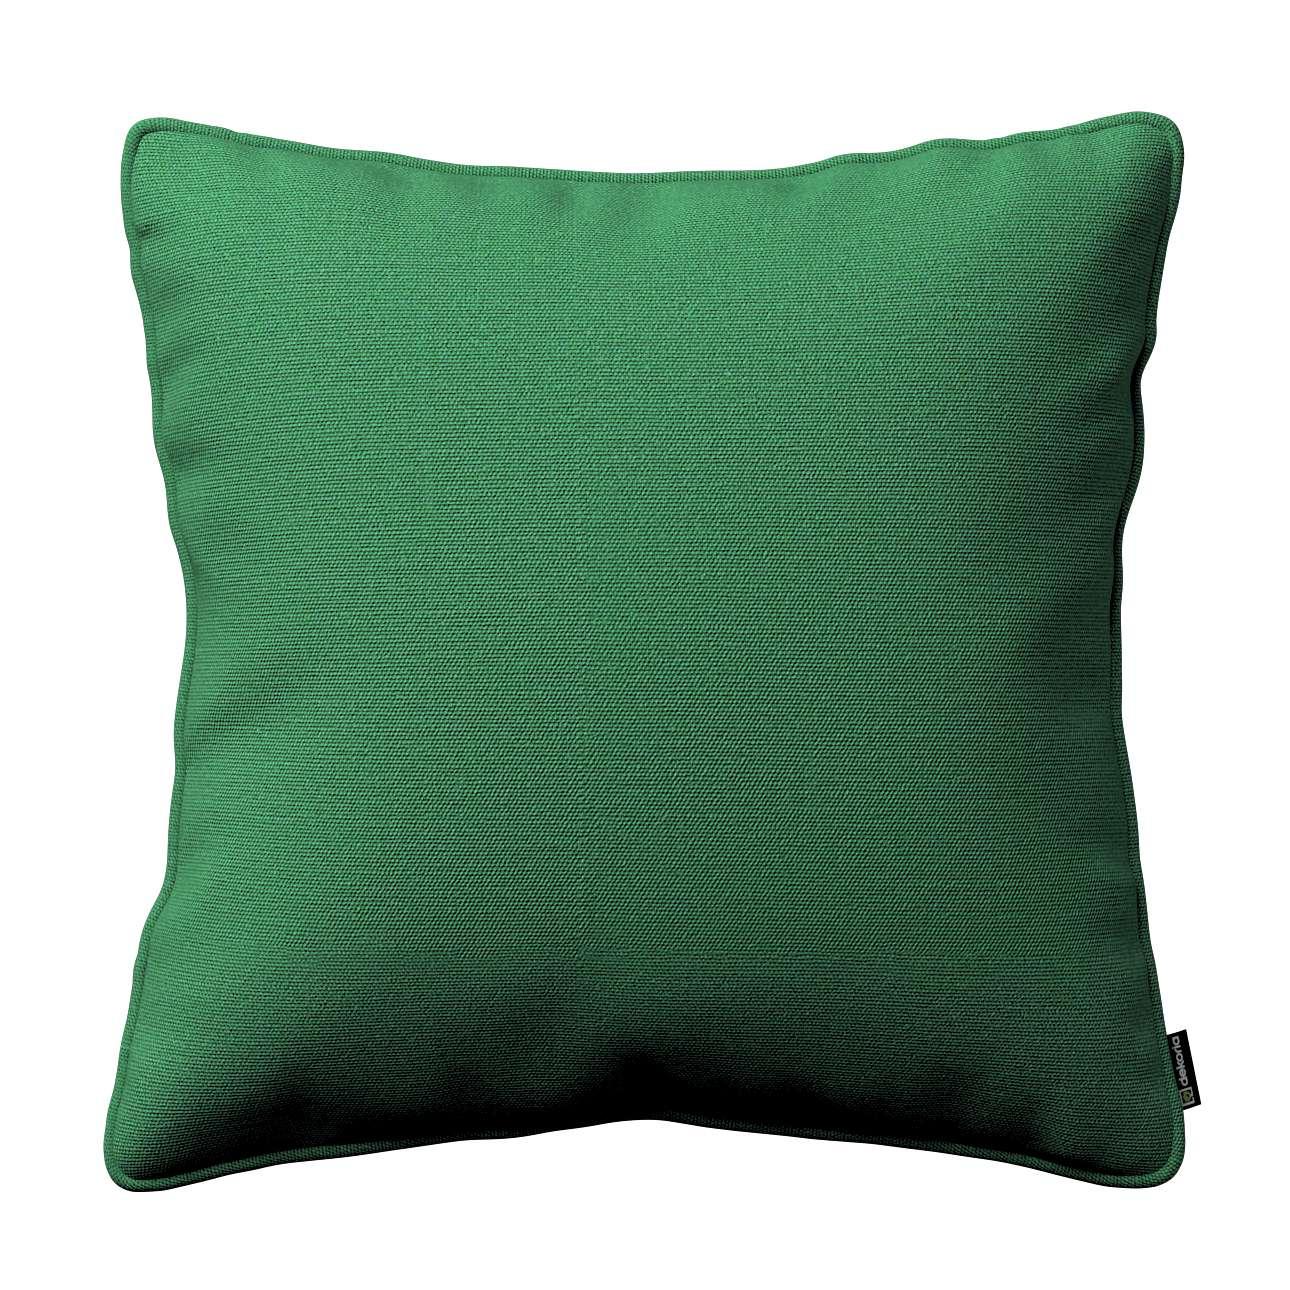 Poszewka Gabi na poduszkę 45 x 45 cm w kolekcji Loneta, tkanina: 133-18